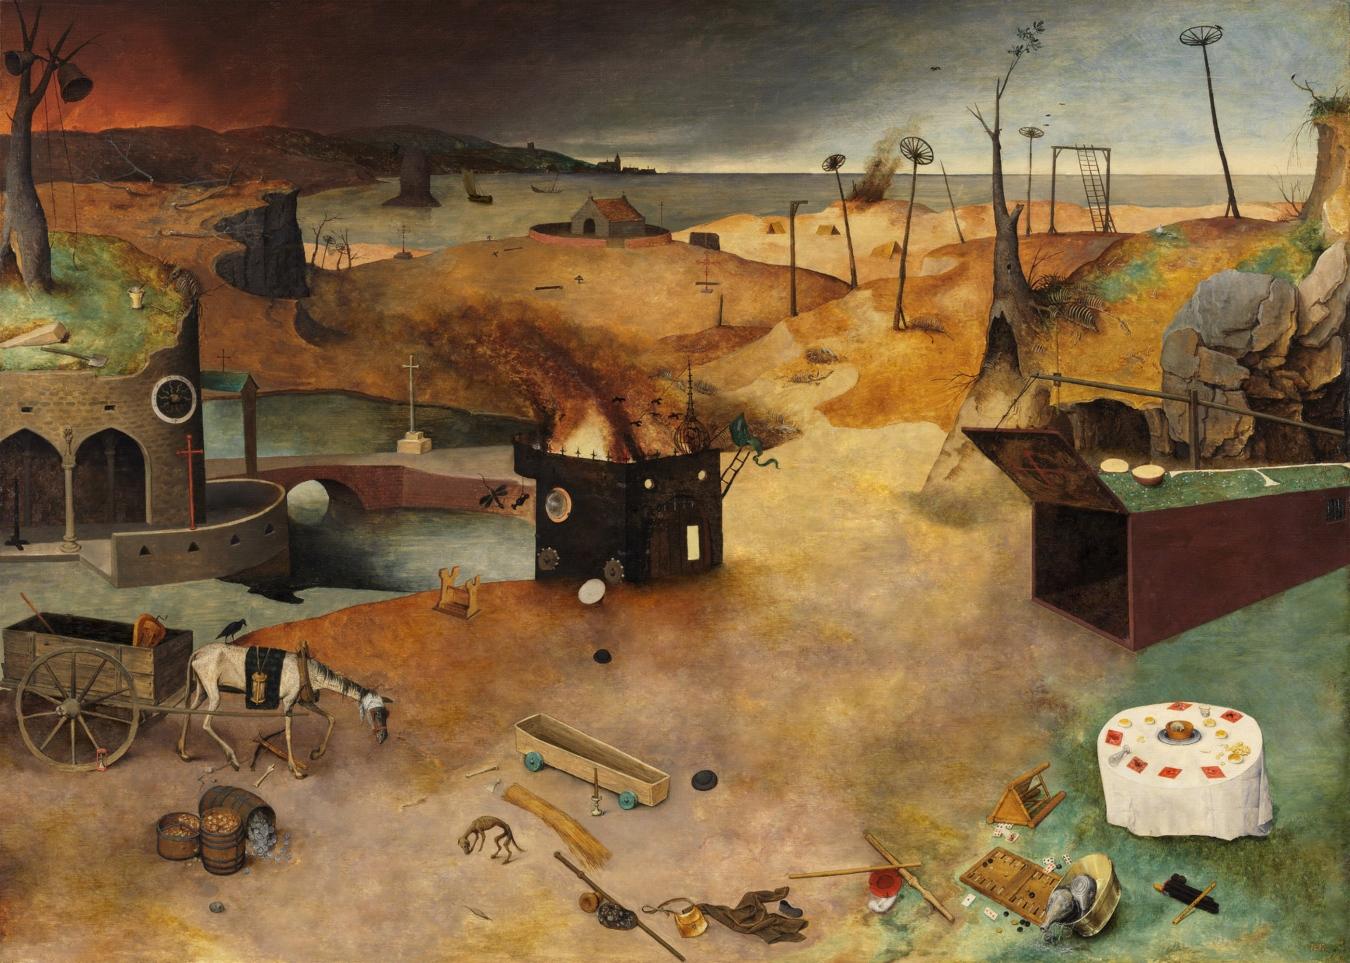 """""""El triunfo de la muerte"""" de Pieter Brueghel el Viejo - TIENDA - Tienda David Bokeh"""